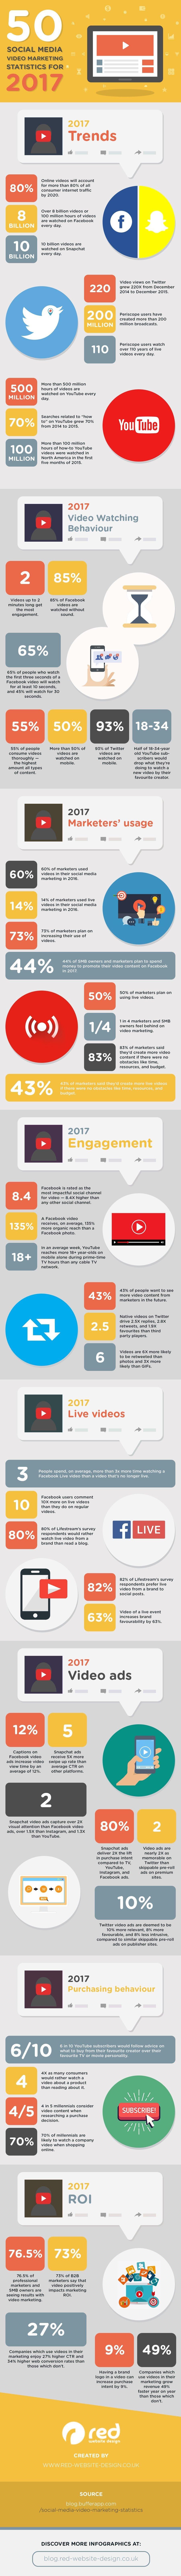 50 datos interesantes sobre el uso del vídeo en las redes sociales